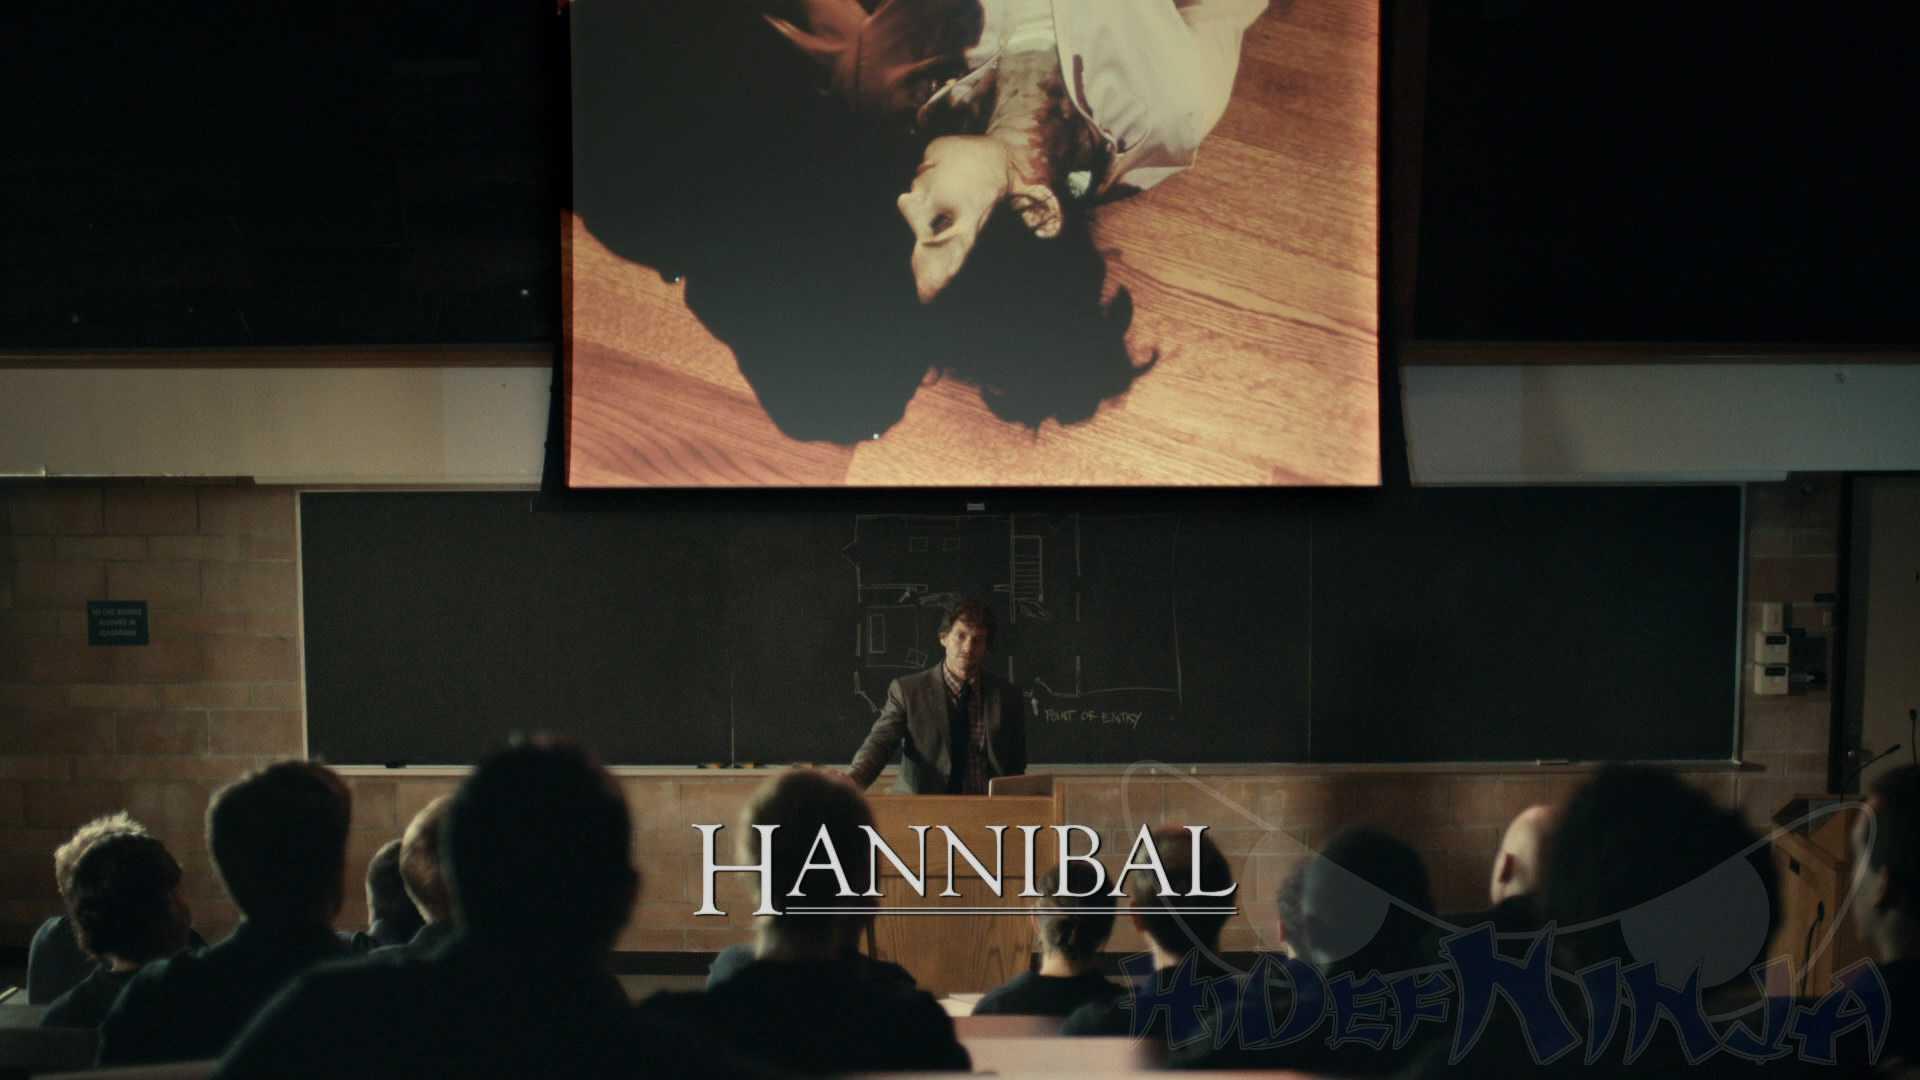 HannibalS1-1